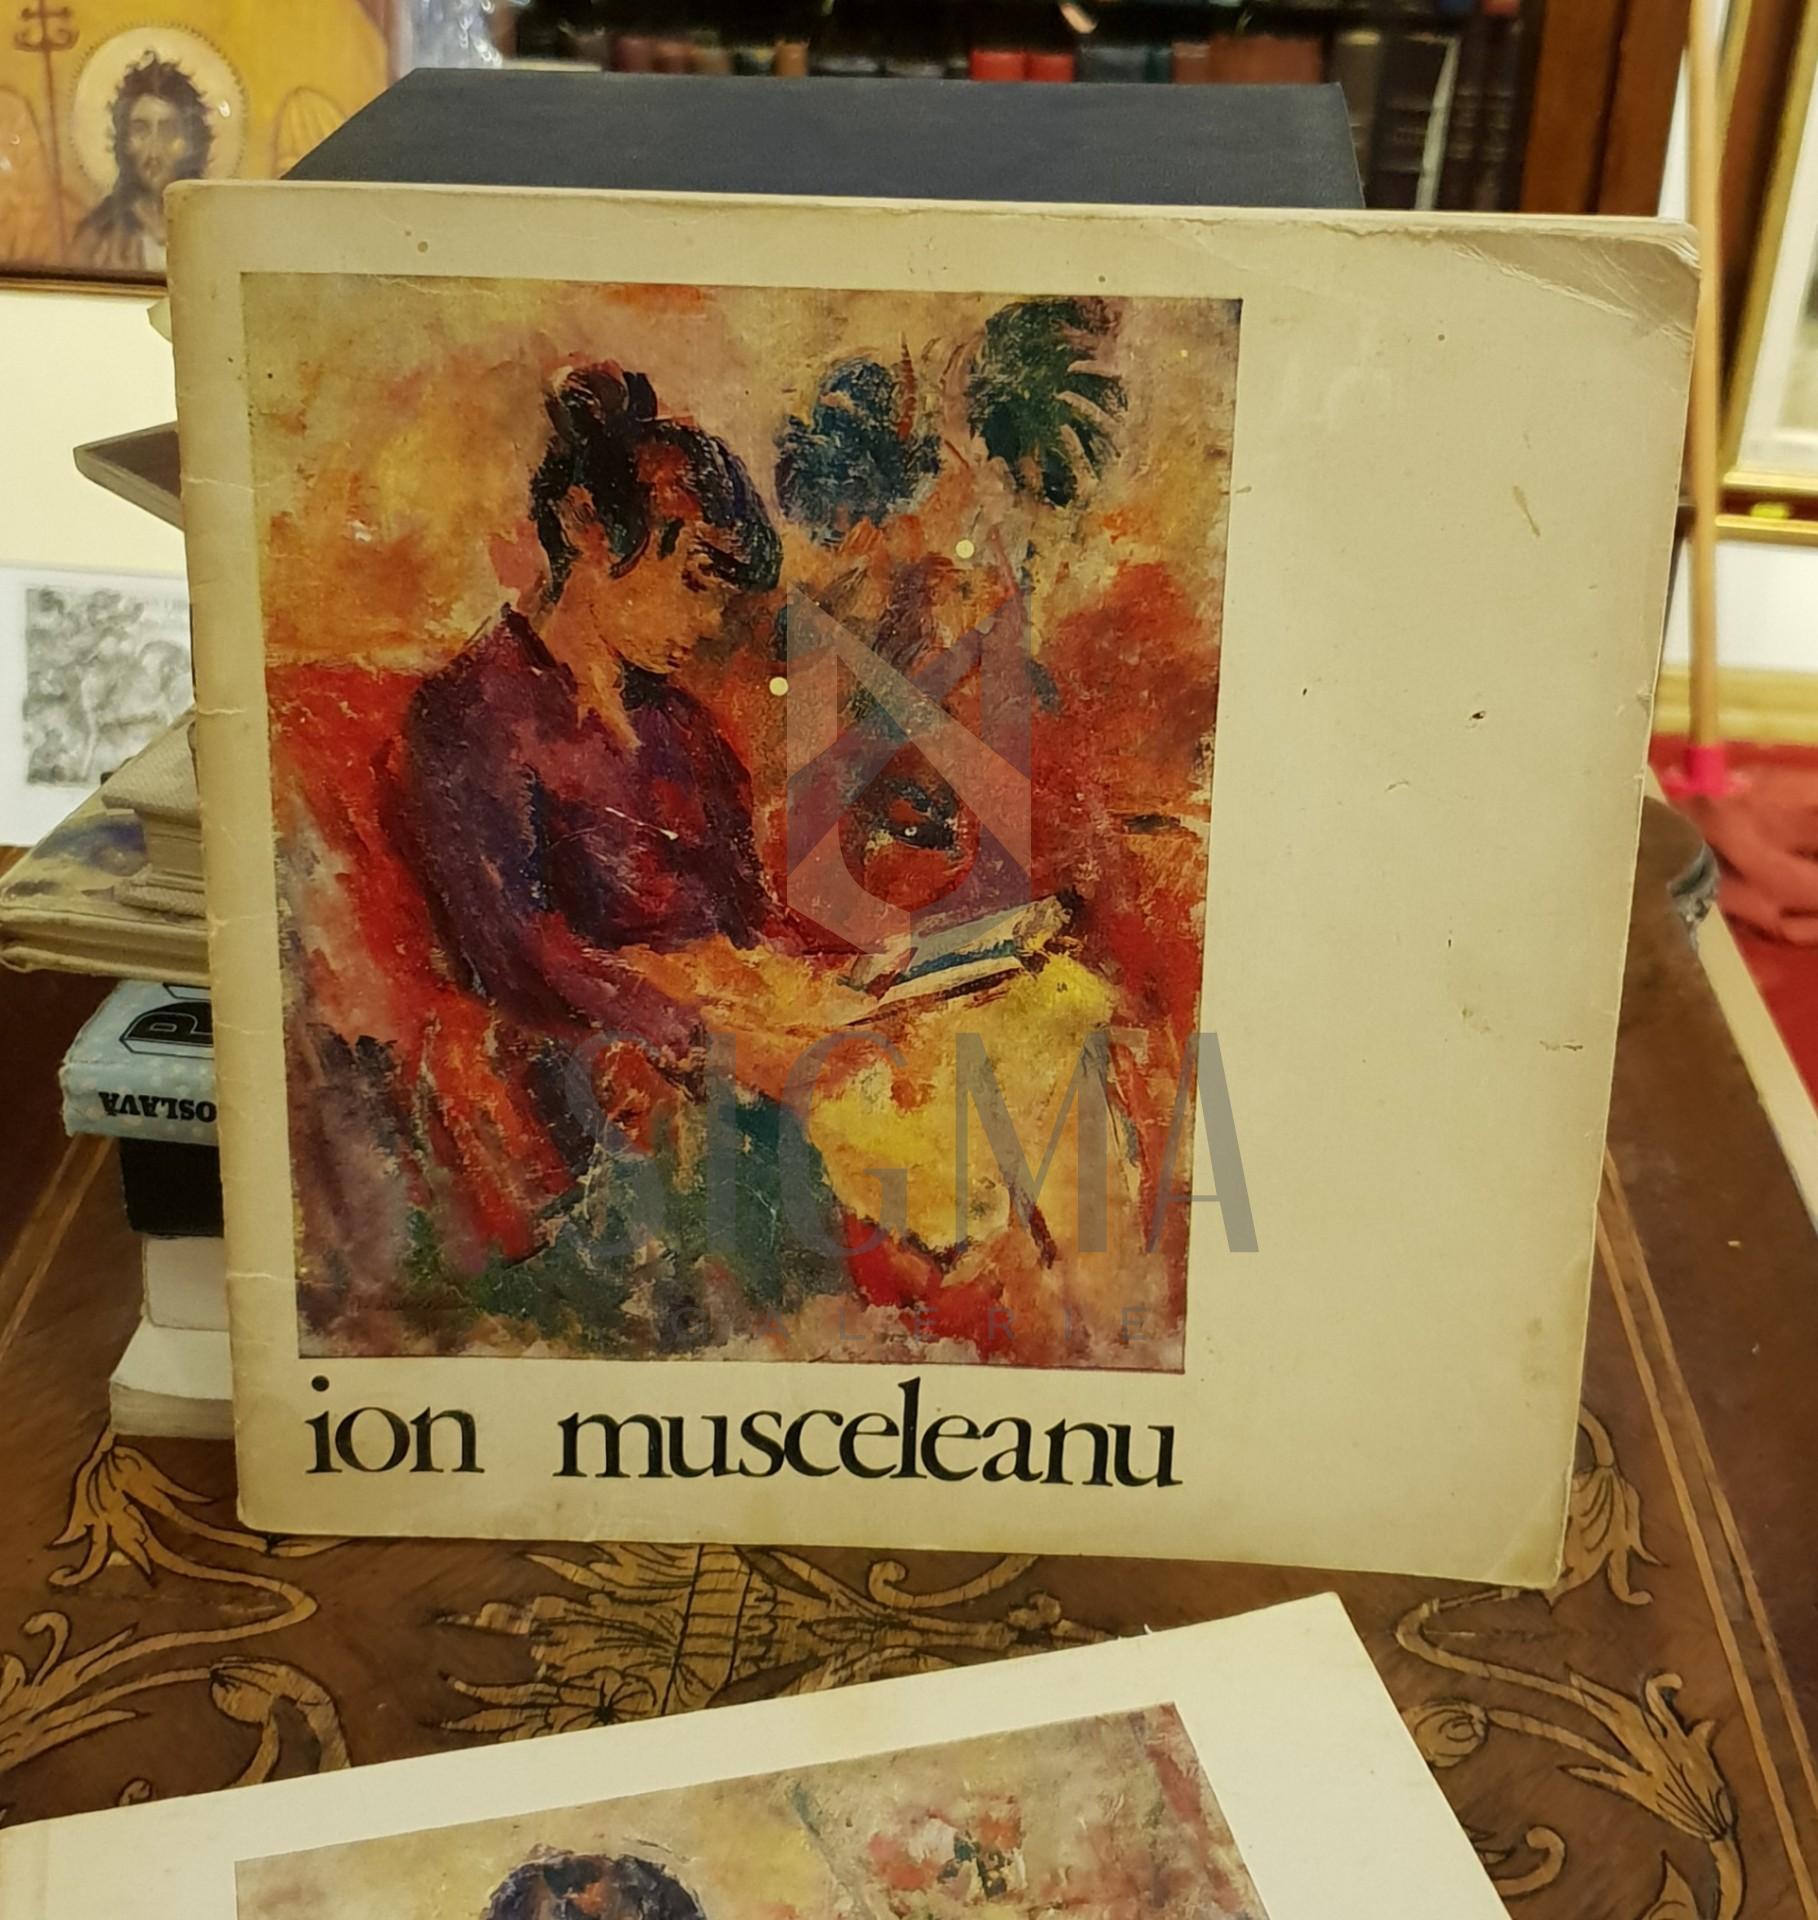 Ion Musceleanu  Catalogul expozitiei din Noiembrie 1973, Sala Dalles